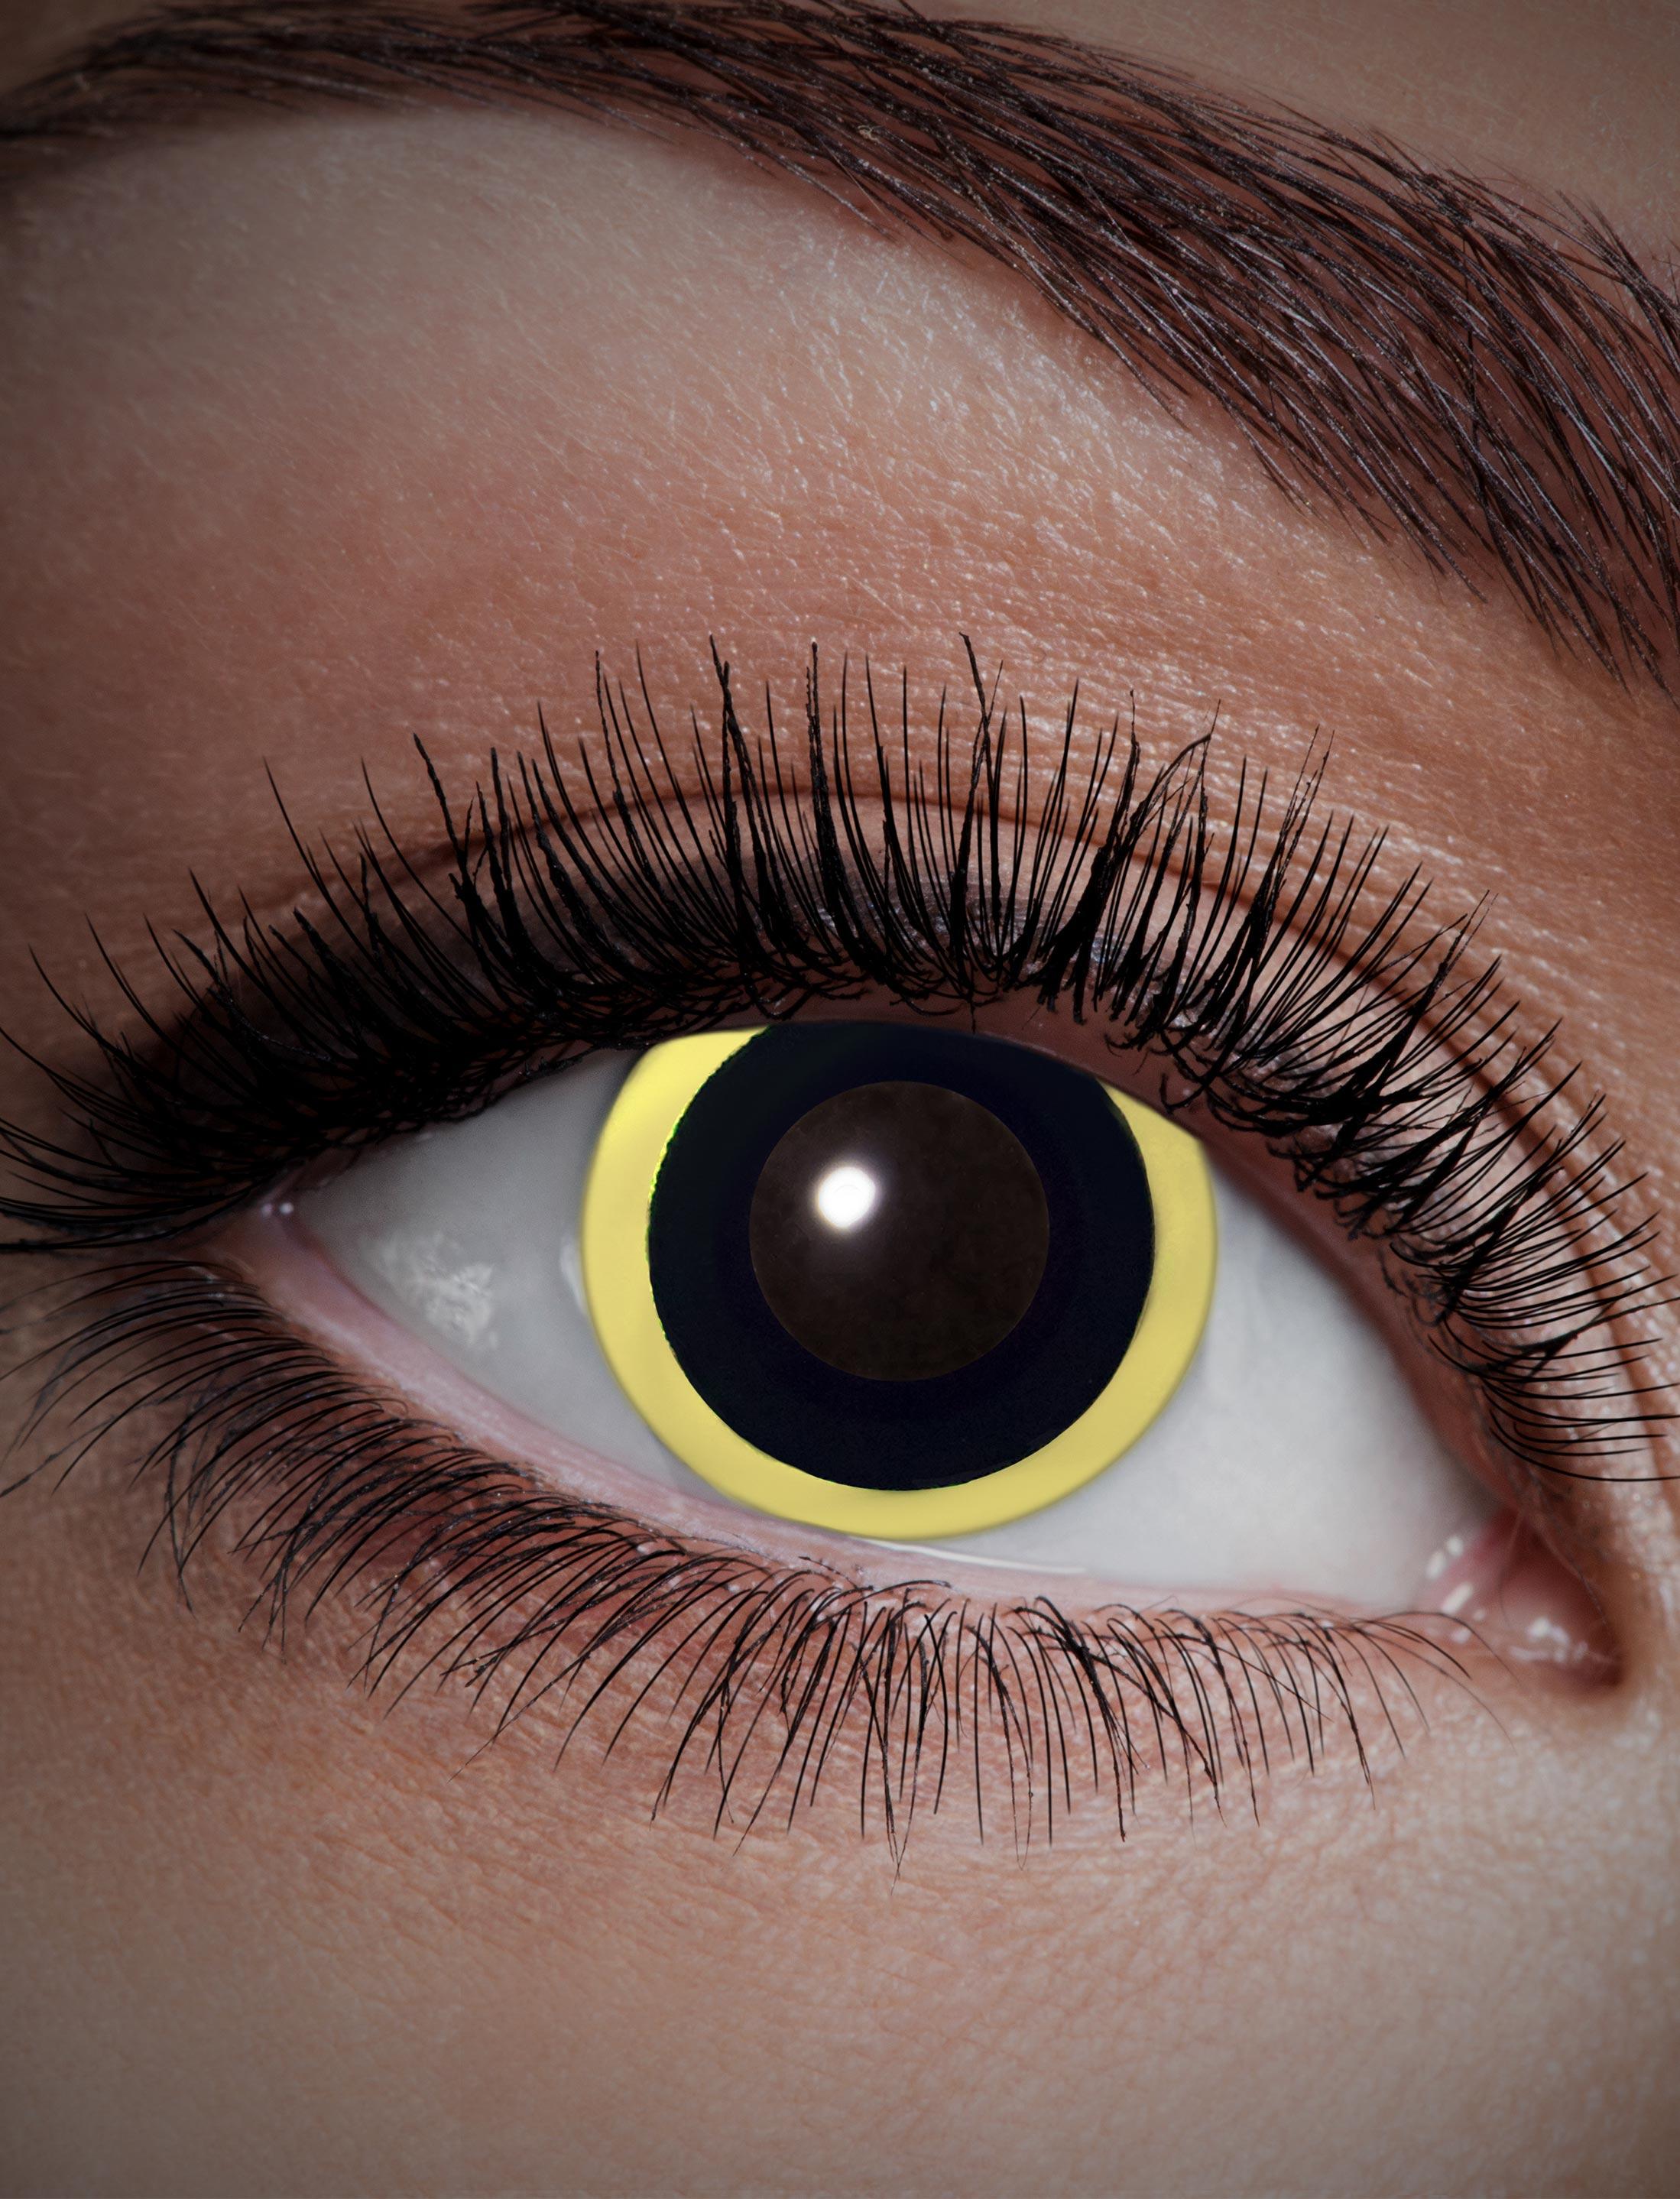 Kostuemzubehor Kontaktlinsen UV Flash Eclipse Farbe: gelb